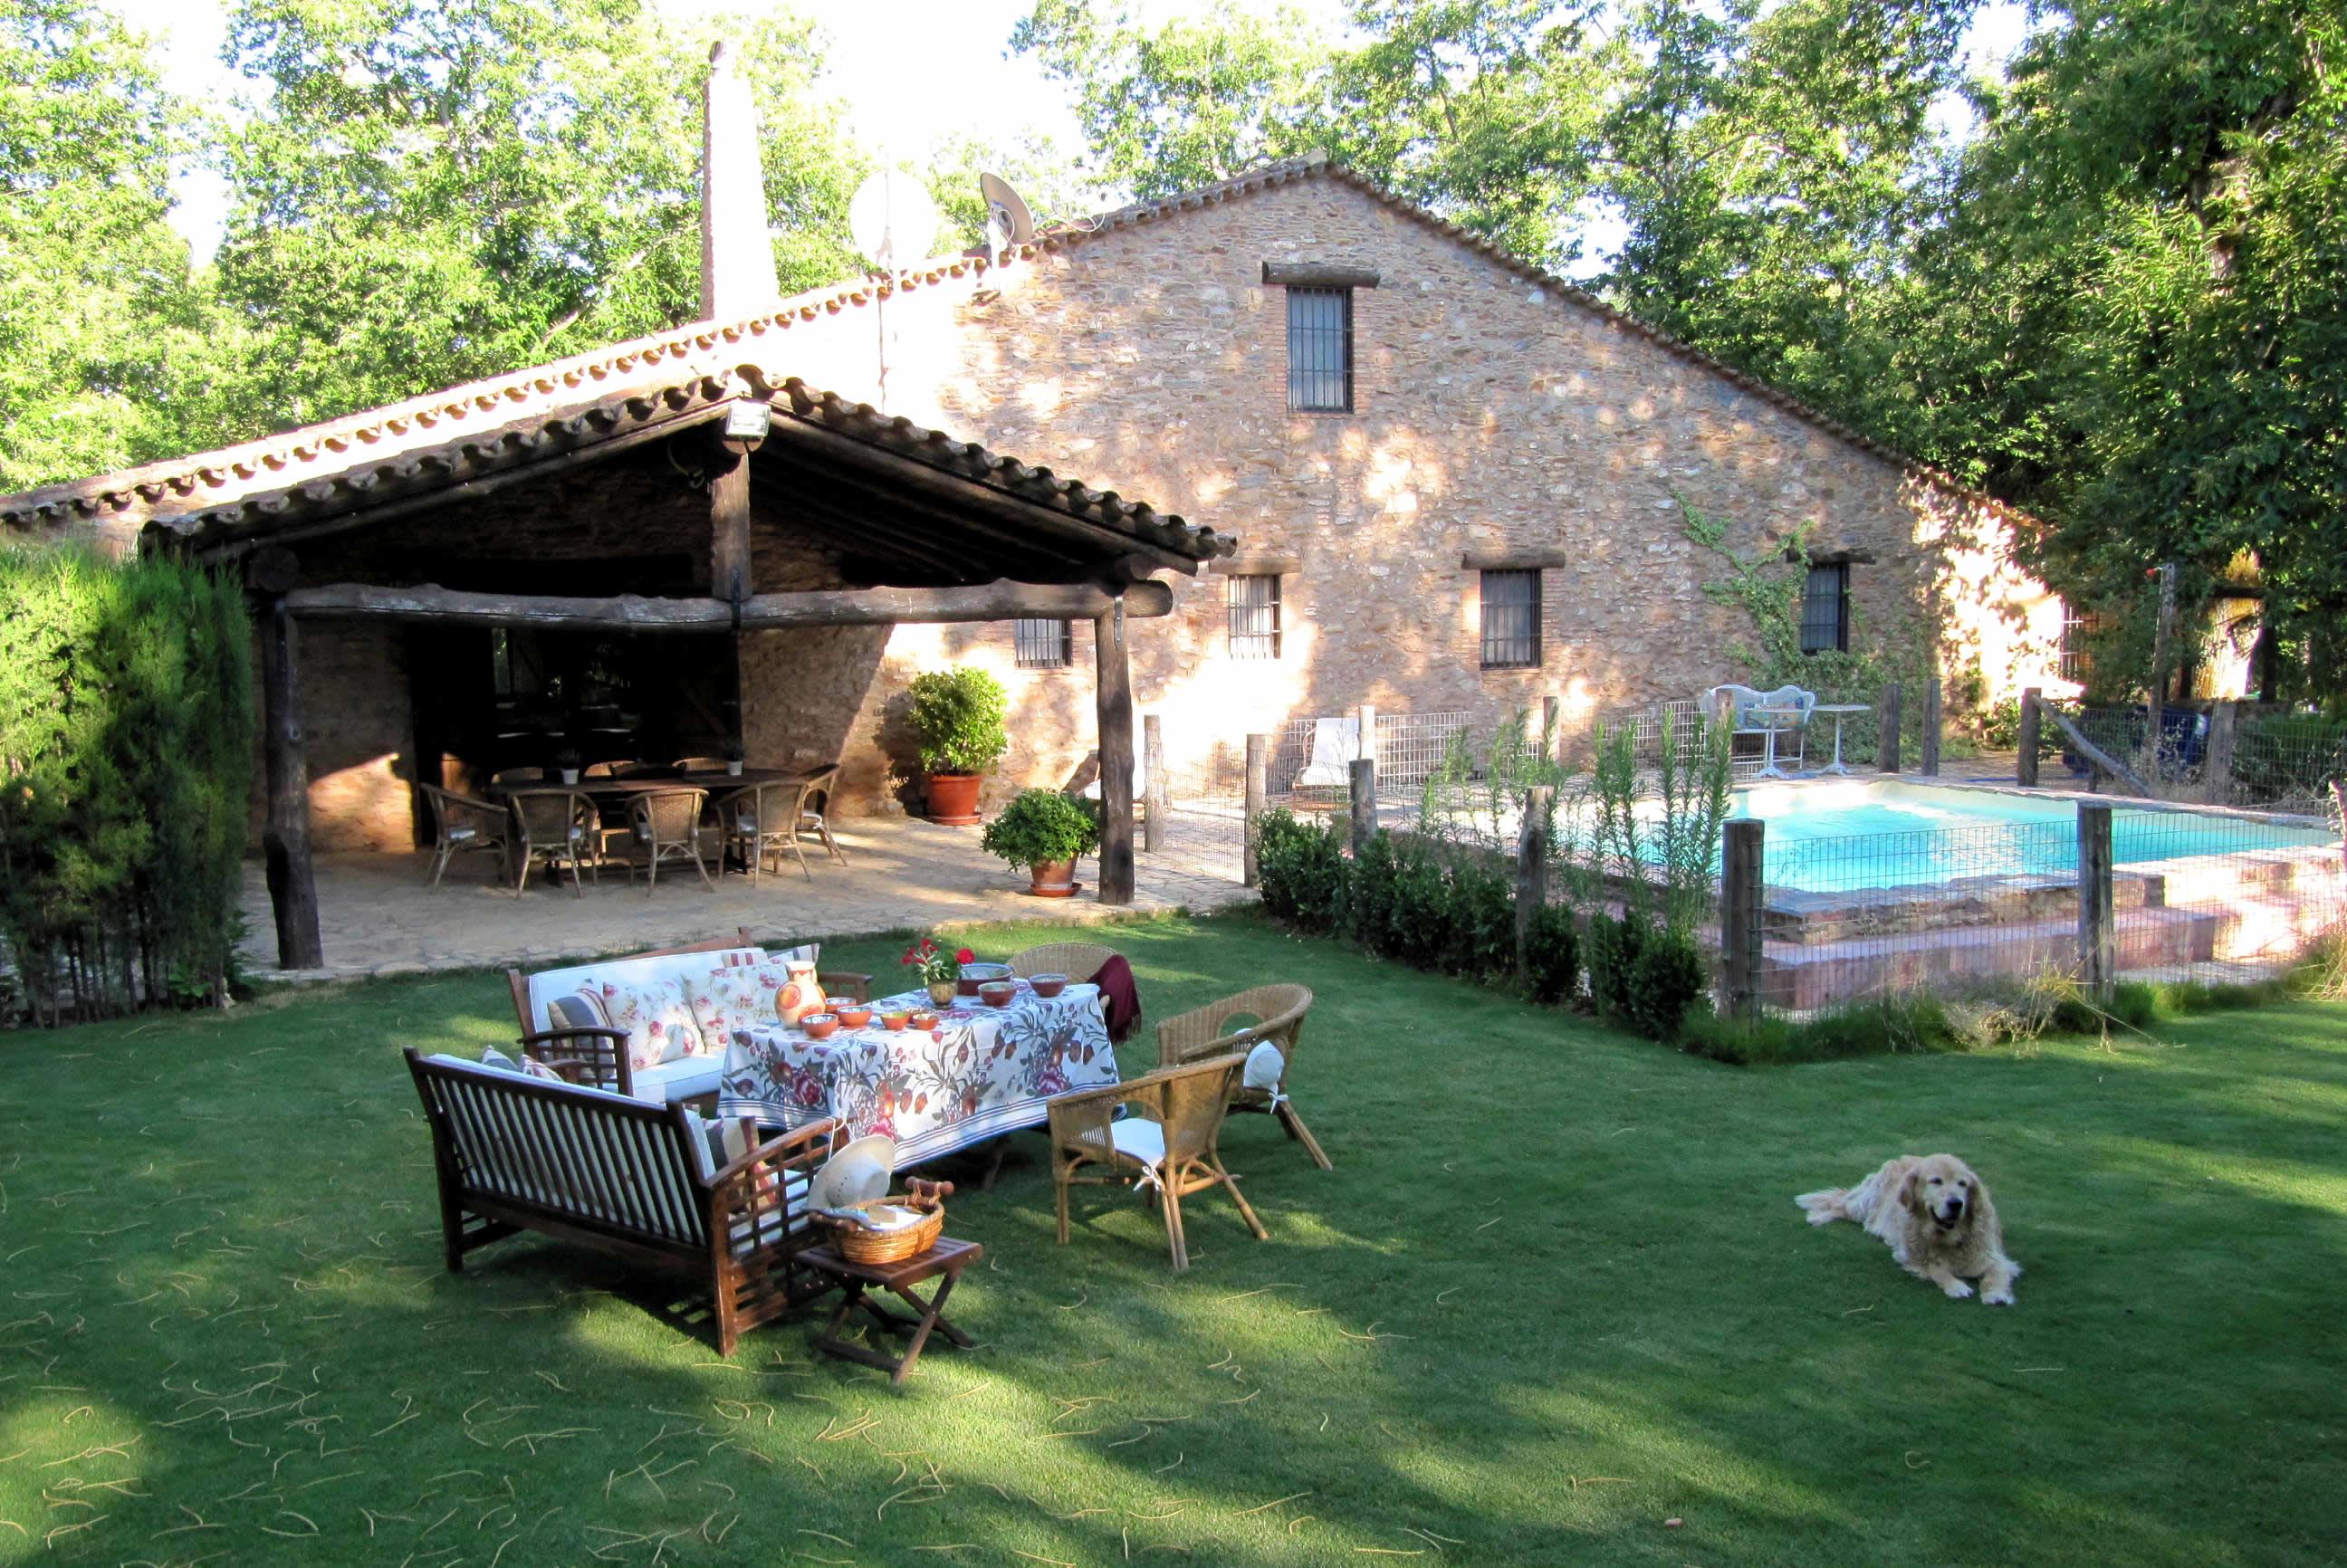 Las 10 casas rurales con m s y mejores opiniones de los for Casas de madera con piscina